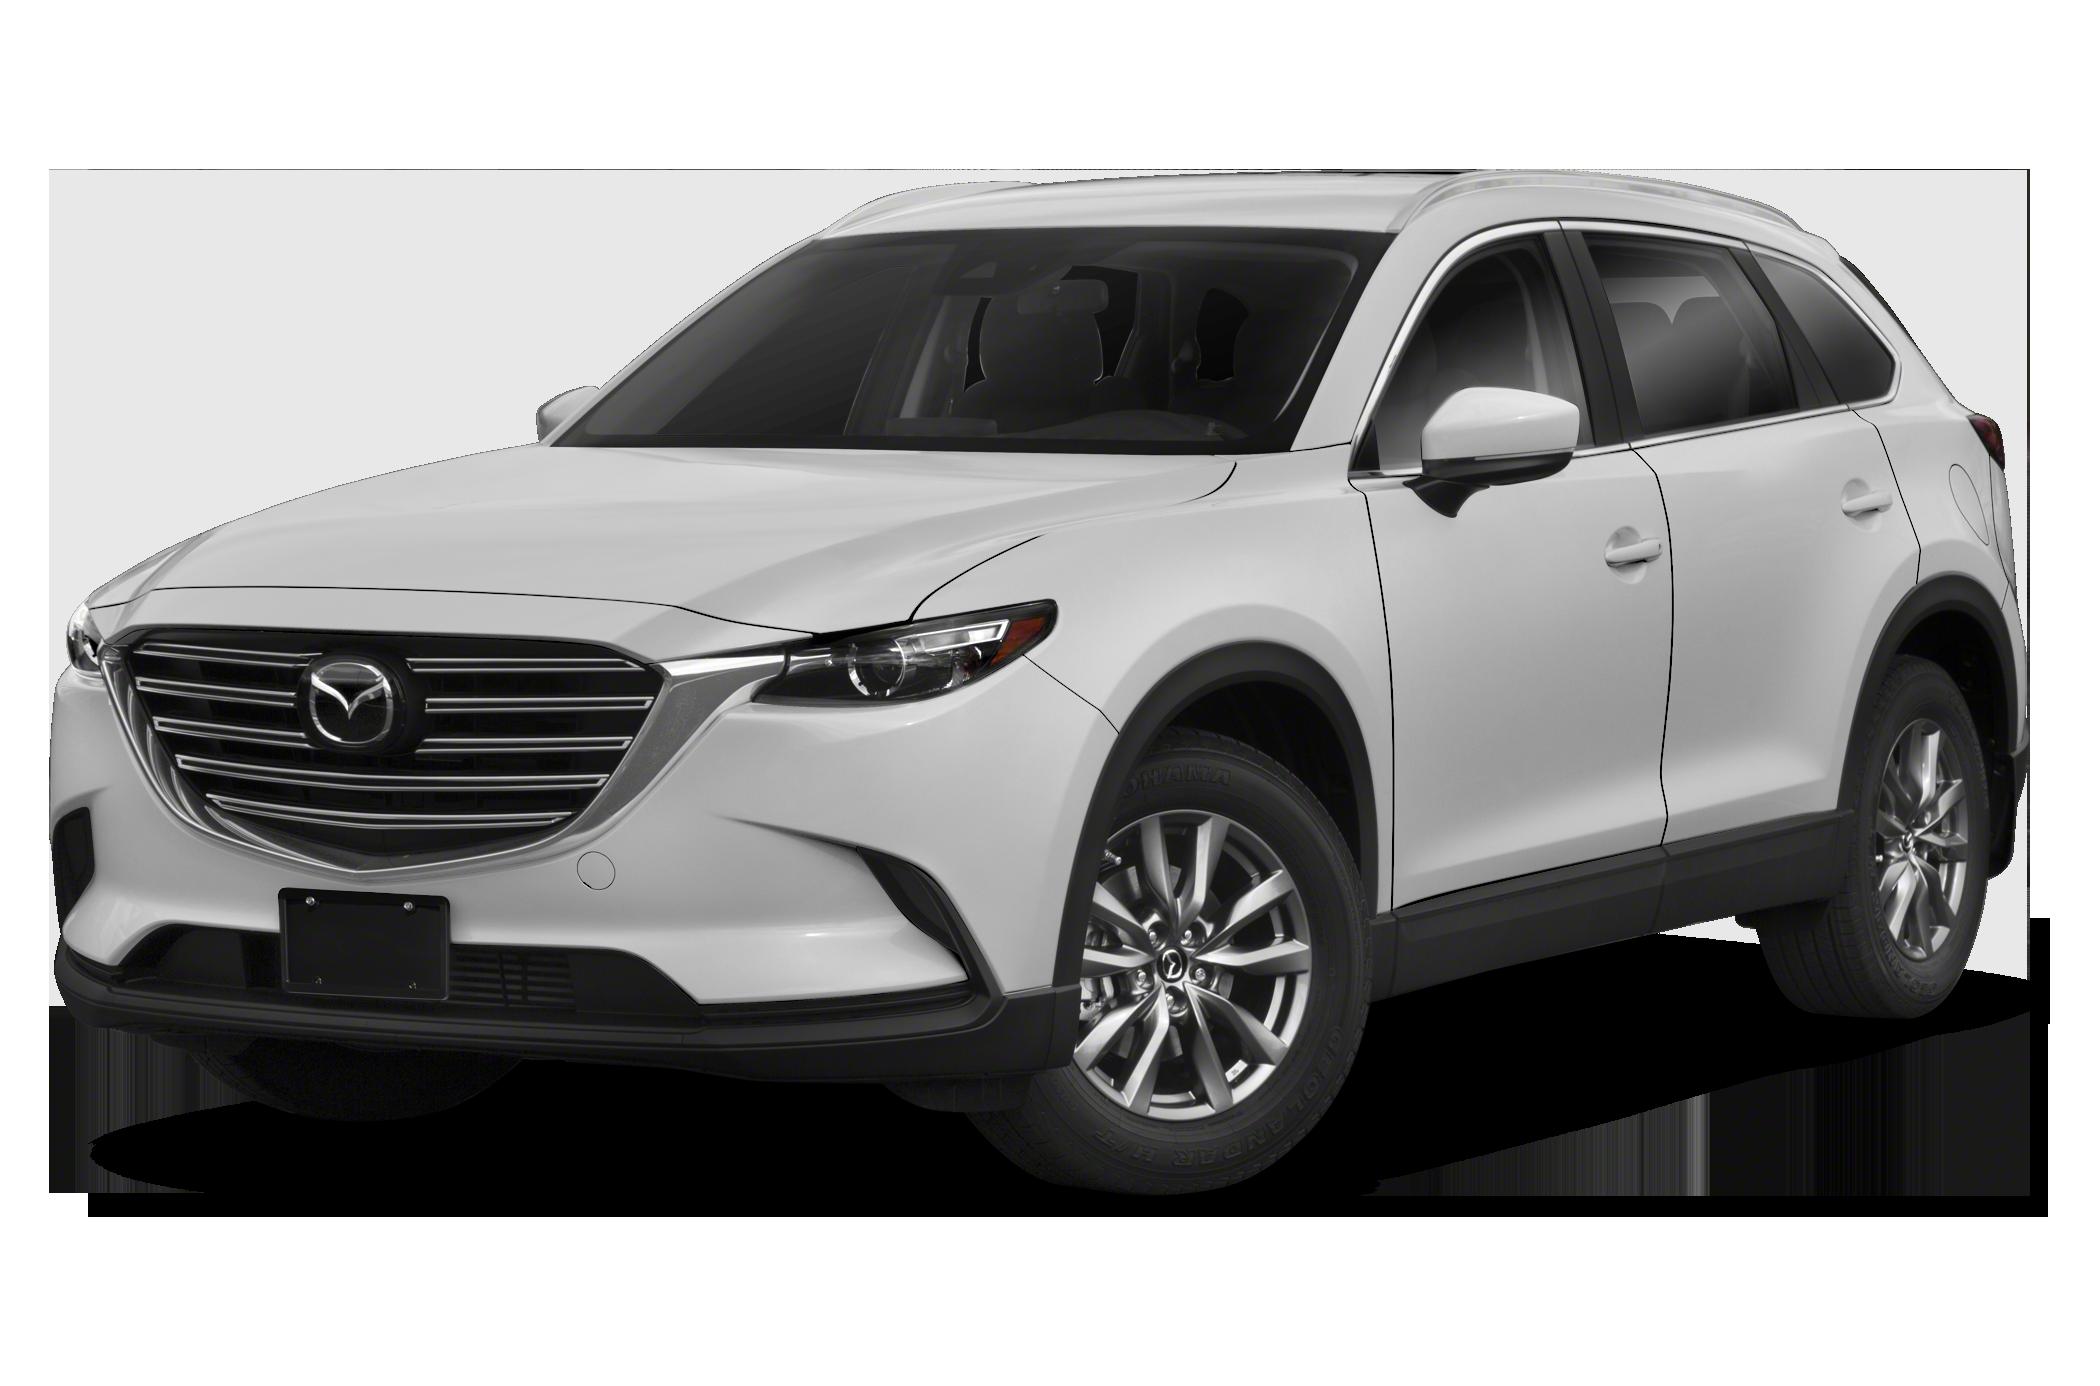 Compare Mazda/Cx-9